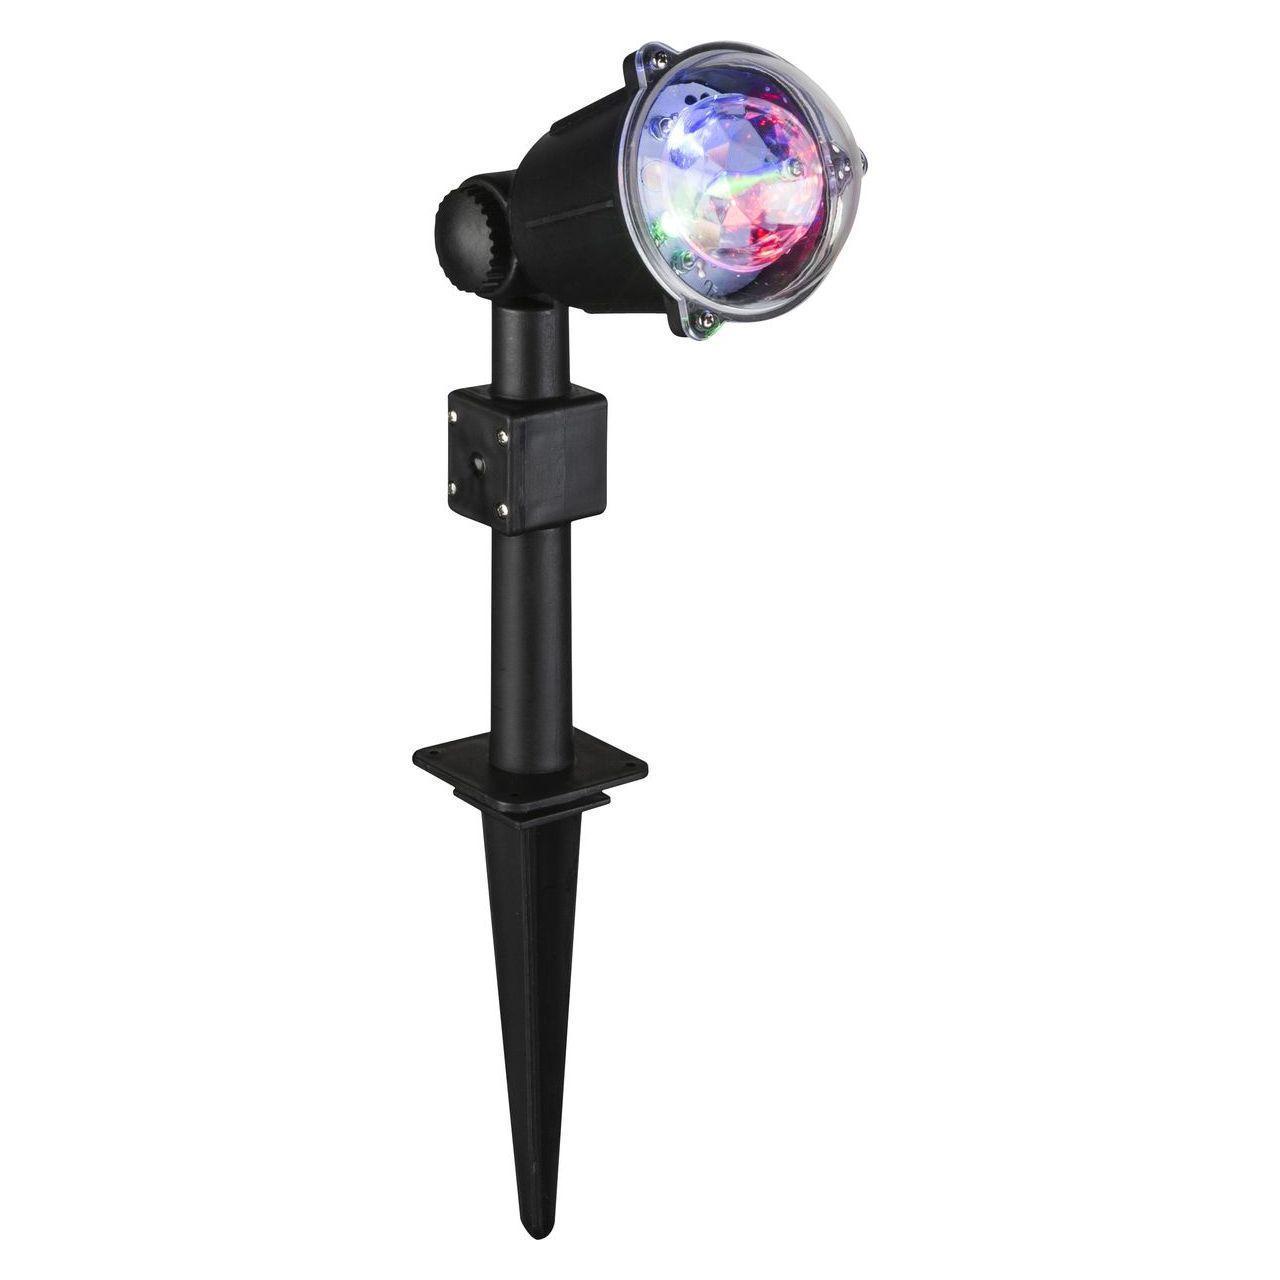 Ландшафтный светодиодный светильник Globo Meriton 32000 ландшафтный светодиодный светильник globo meriton 32000